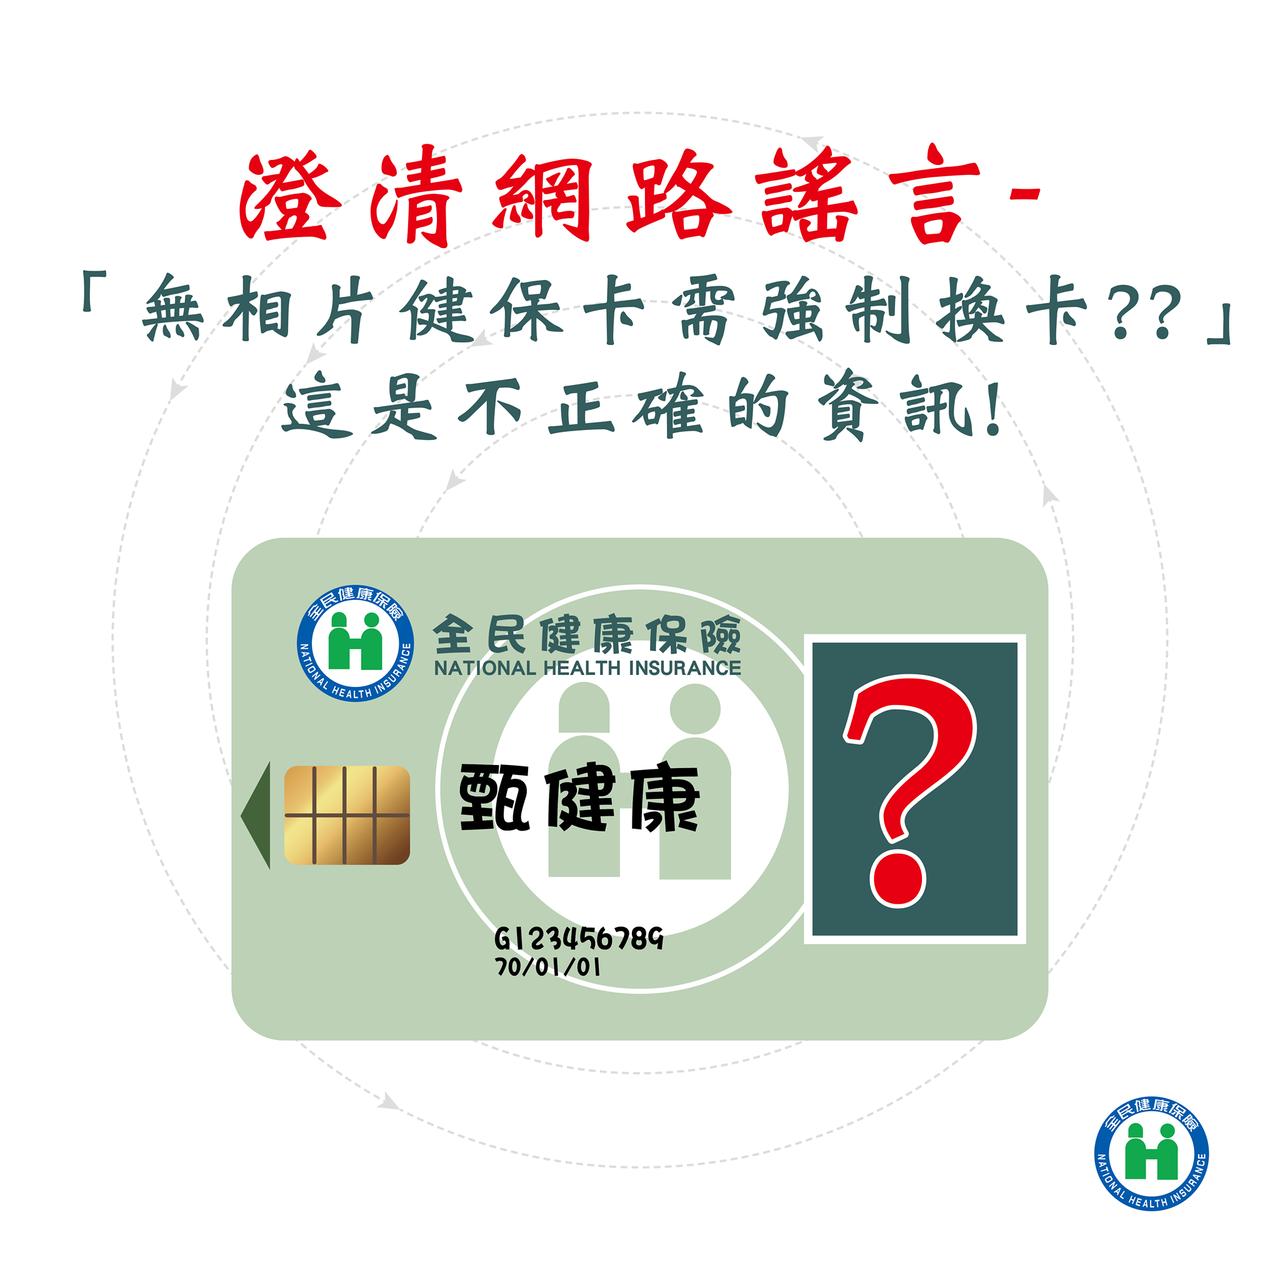 健保署表示,現行使用無相片健保卡,並未要求強制換卡。翻攝健保署臉書